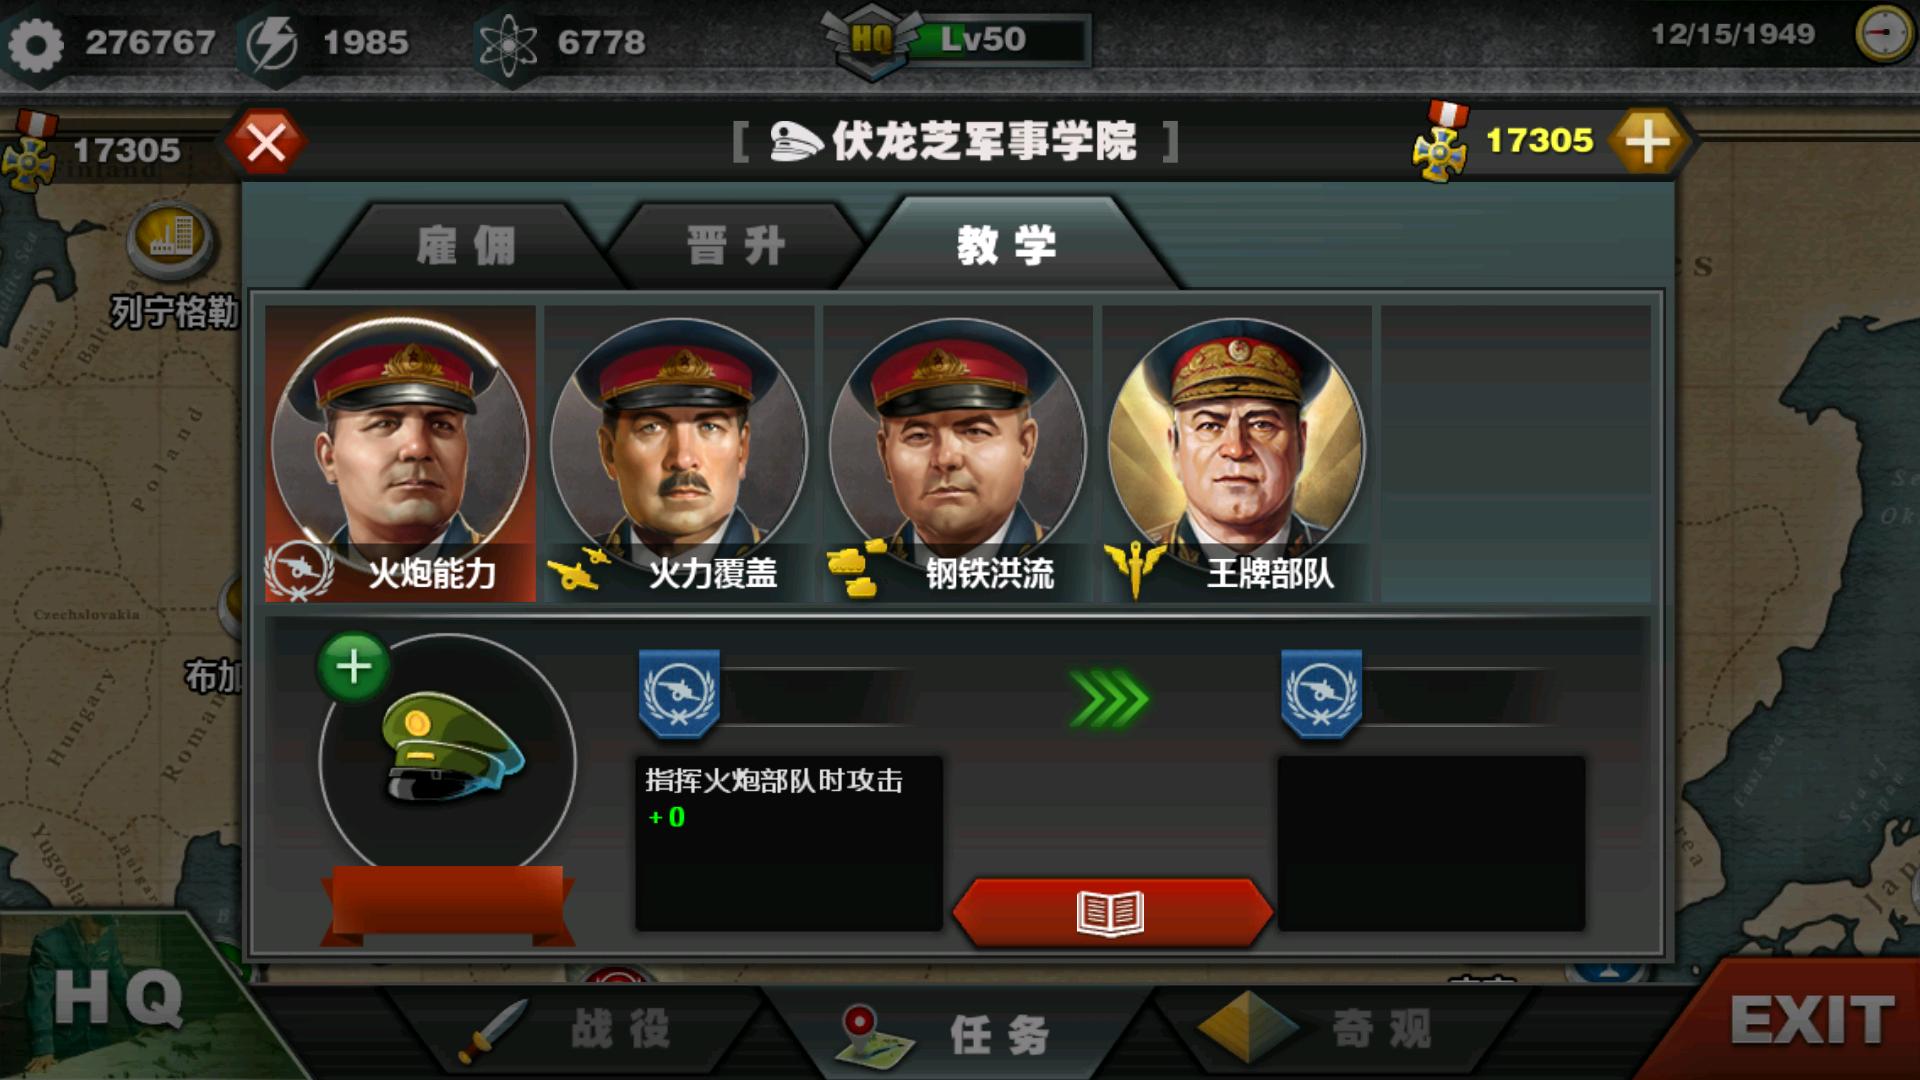 世界征服者3指挥官的兵种能力怎么提高?就是照片里的兵种等级